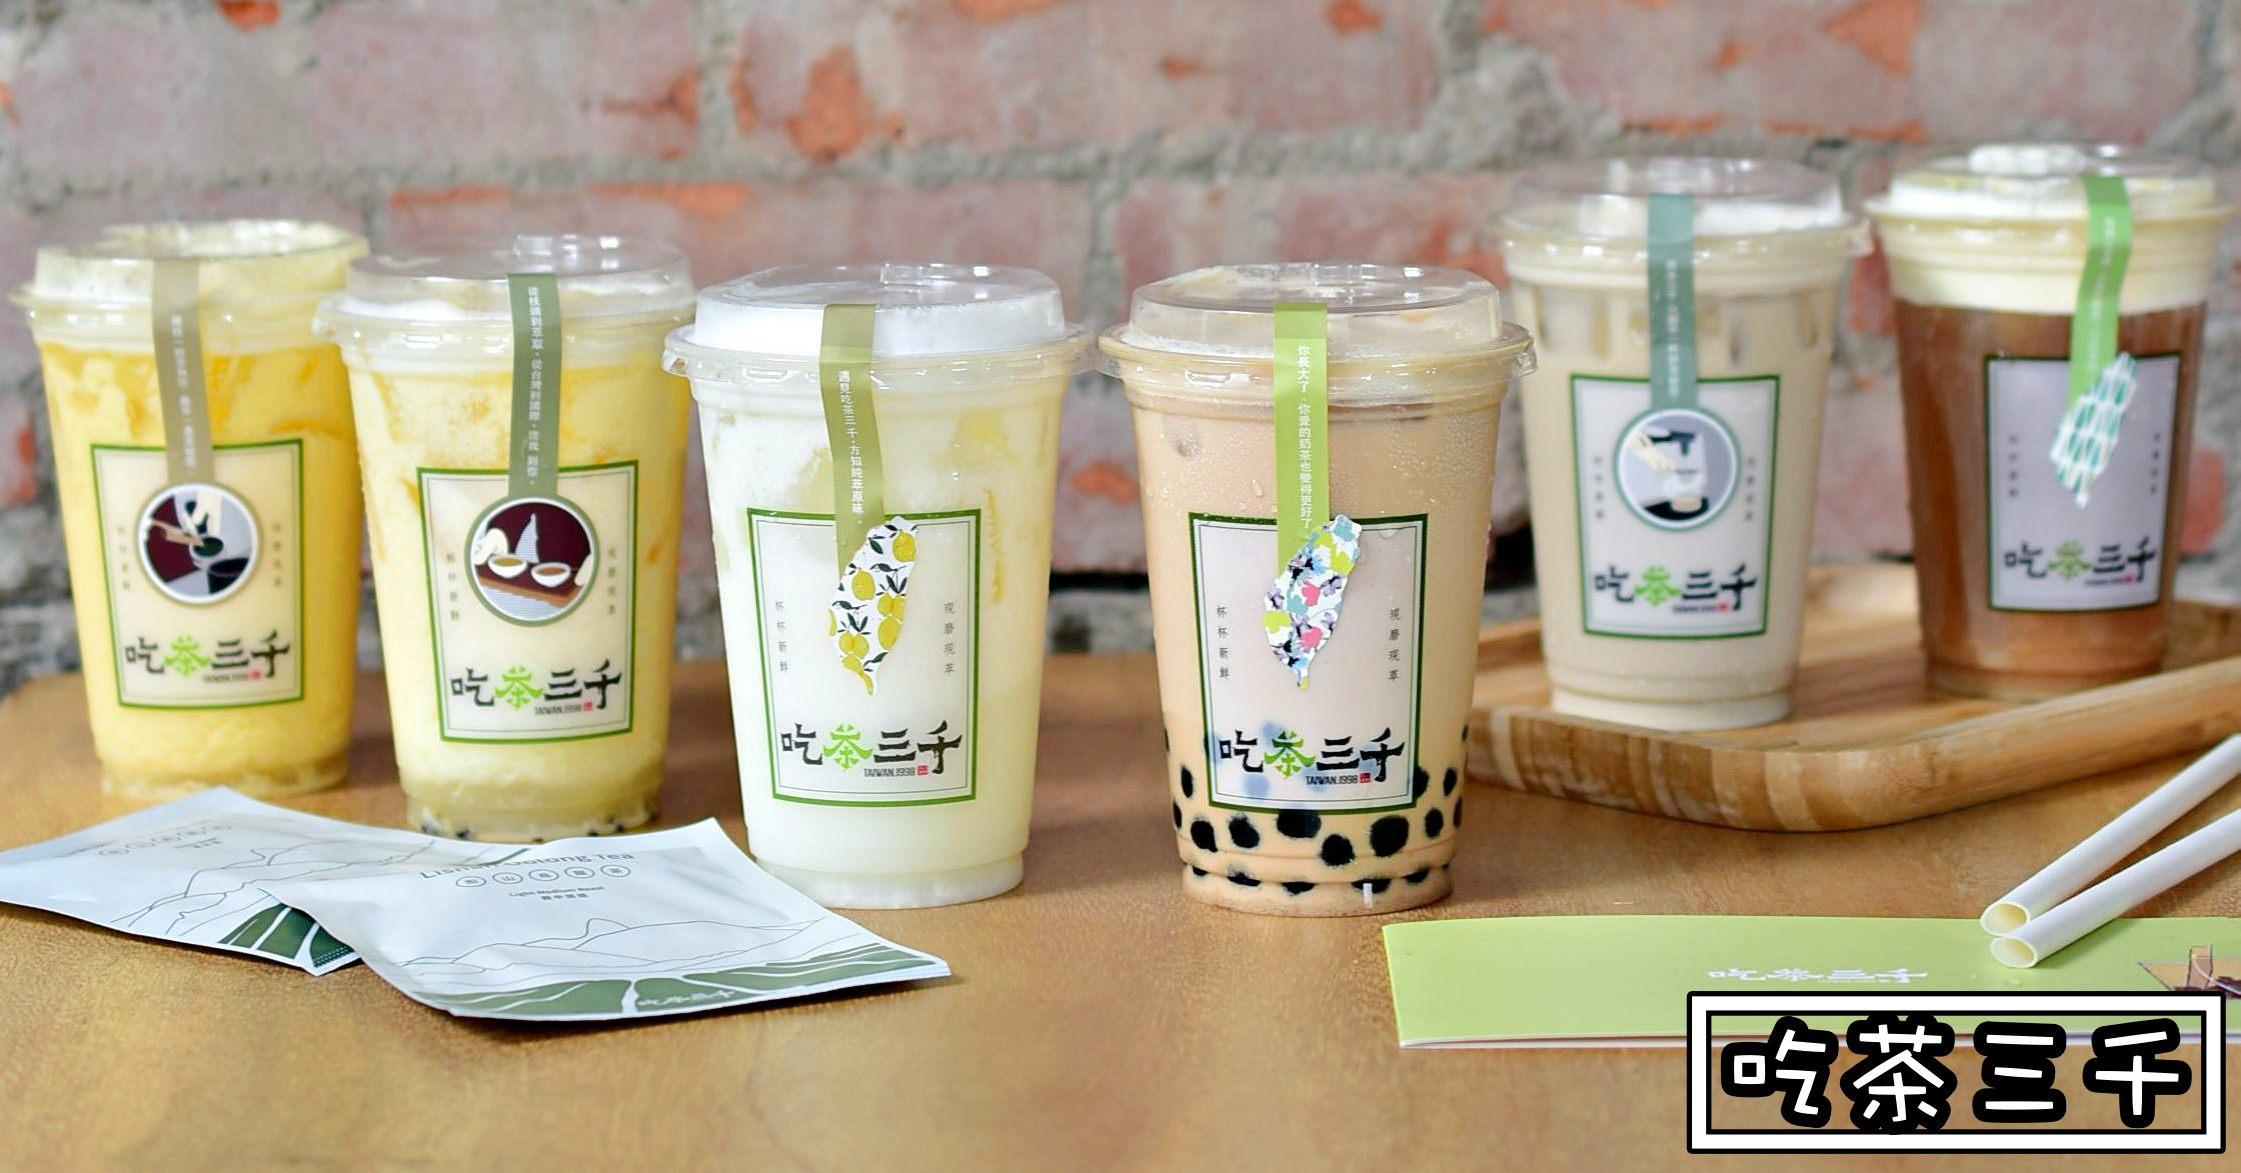 吃茶三千|台中飲料推薦-喝的保養品 及隨行米其林梨山茶喝起來(菜單 推薦)